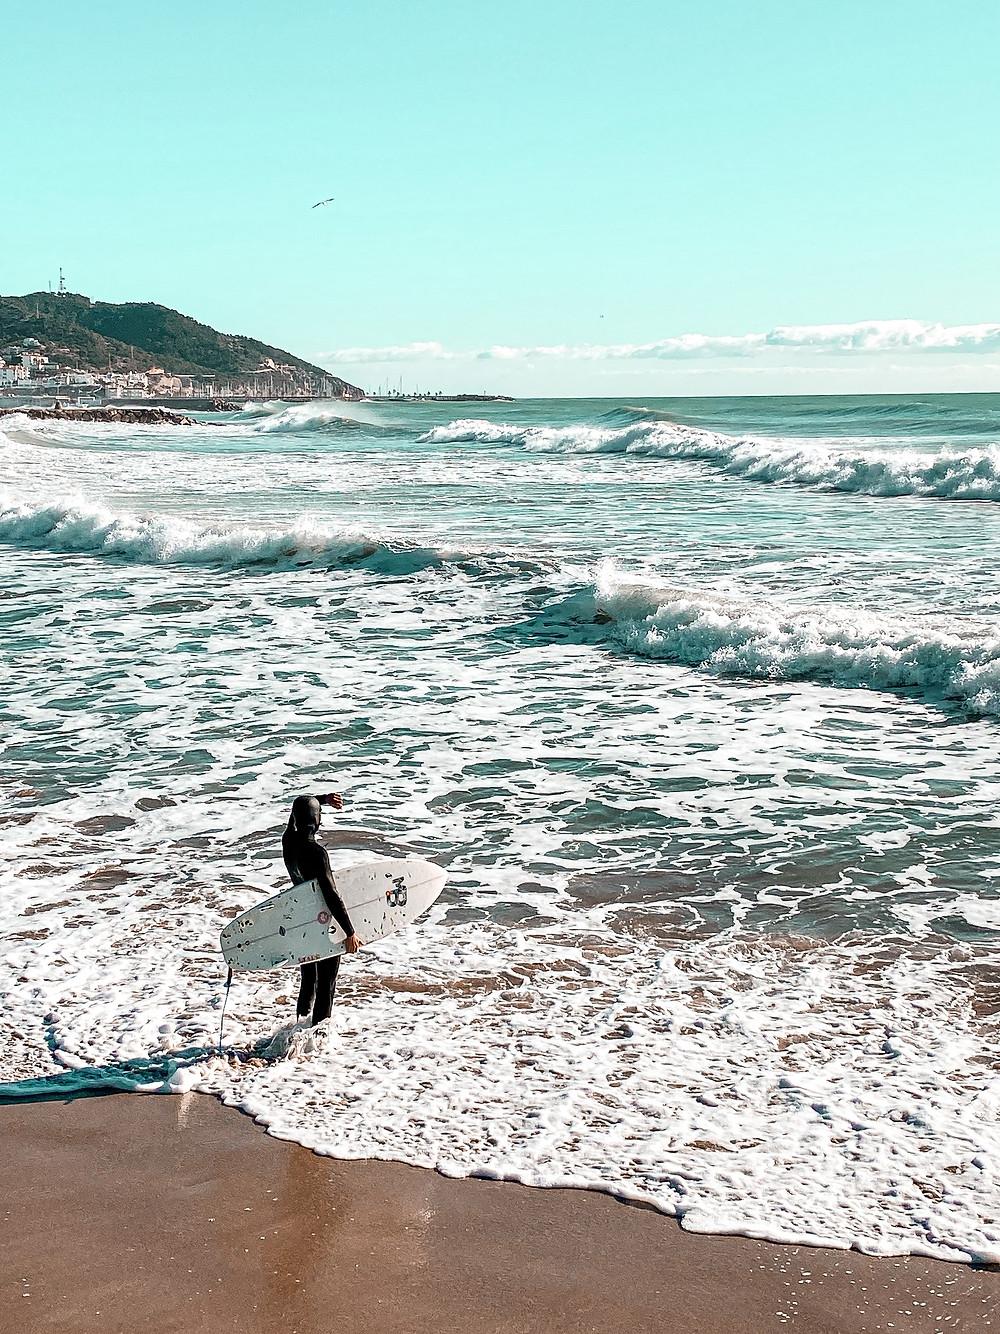 Sitges, playa, surf, paisaje, mar, relax, paz, olas